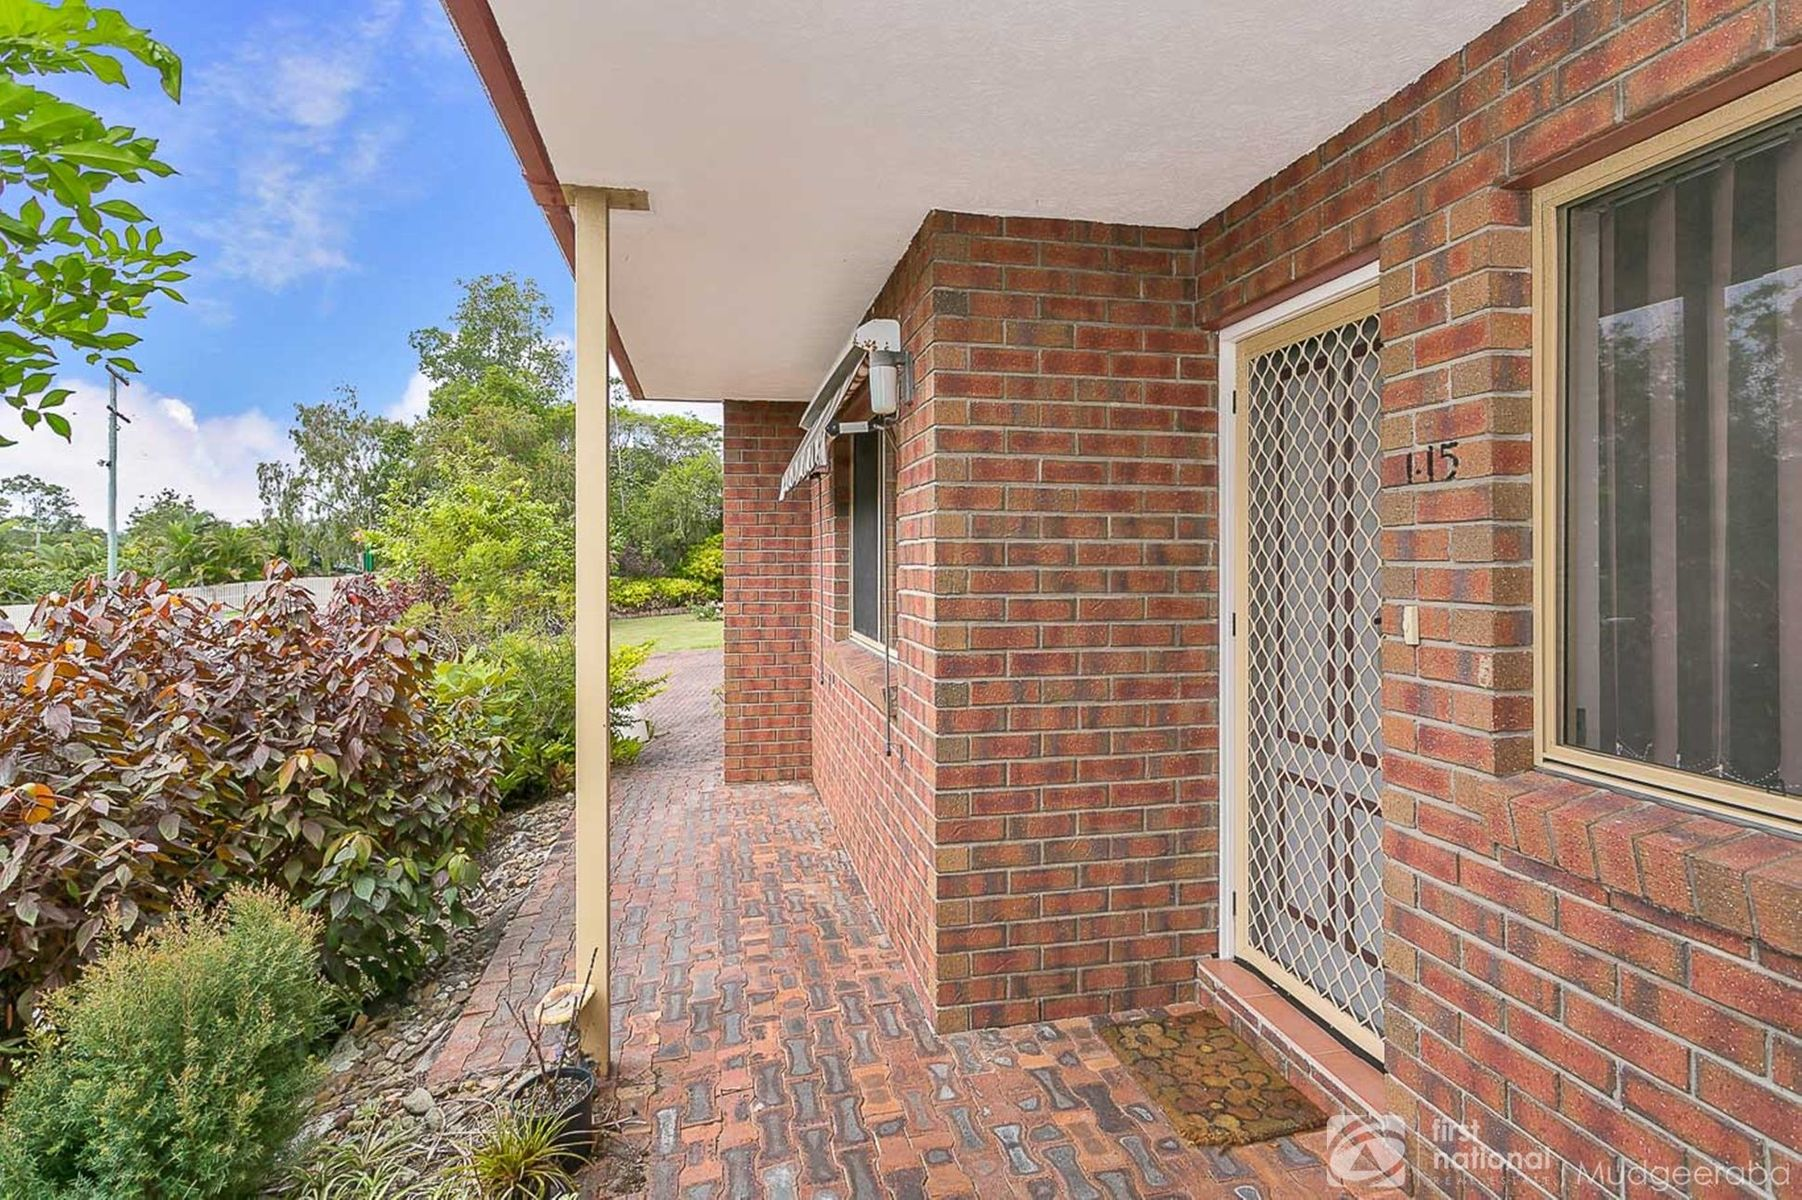 145/53 Old Coach Road, Tallai, QLD 4213